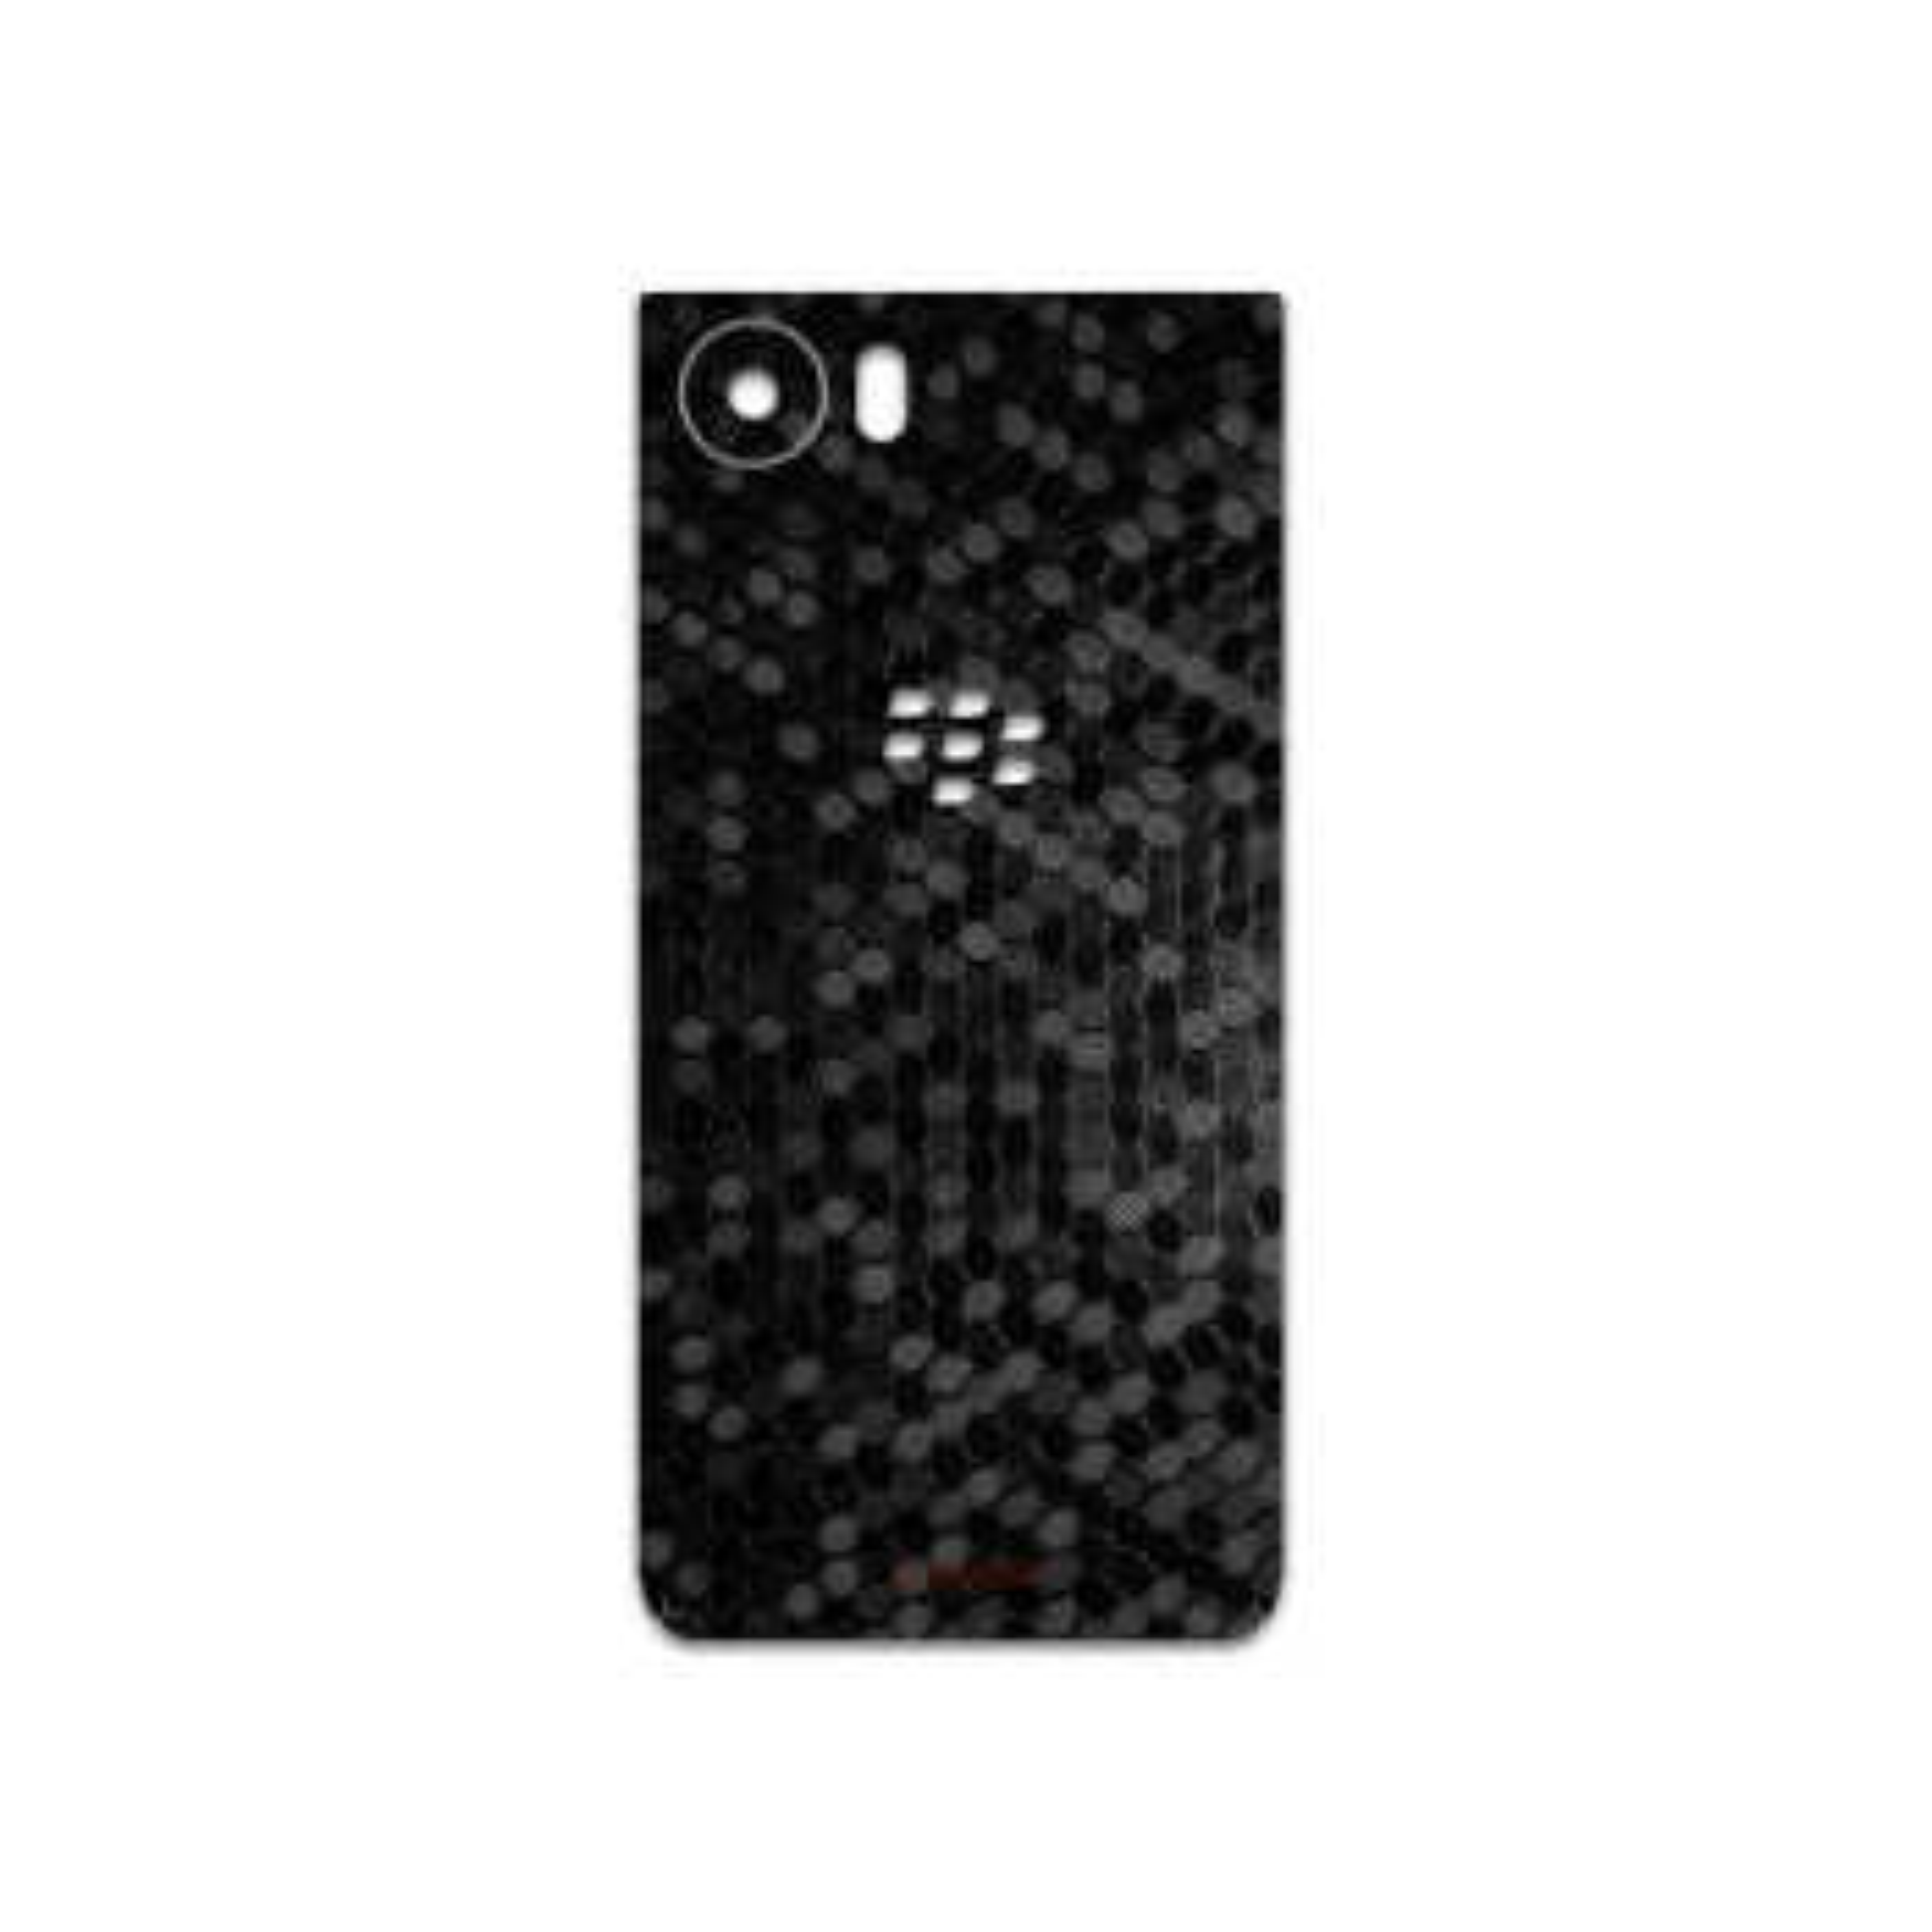 برچسب پوششی ماهوت مدل Honey-Comb-Circle مناسب برای گوشی موبایل بلک بری Keyone/DTEK70